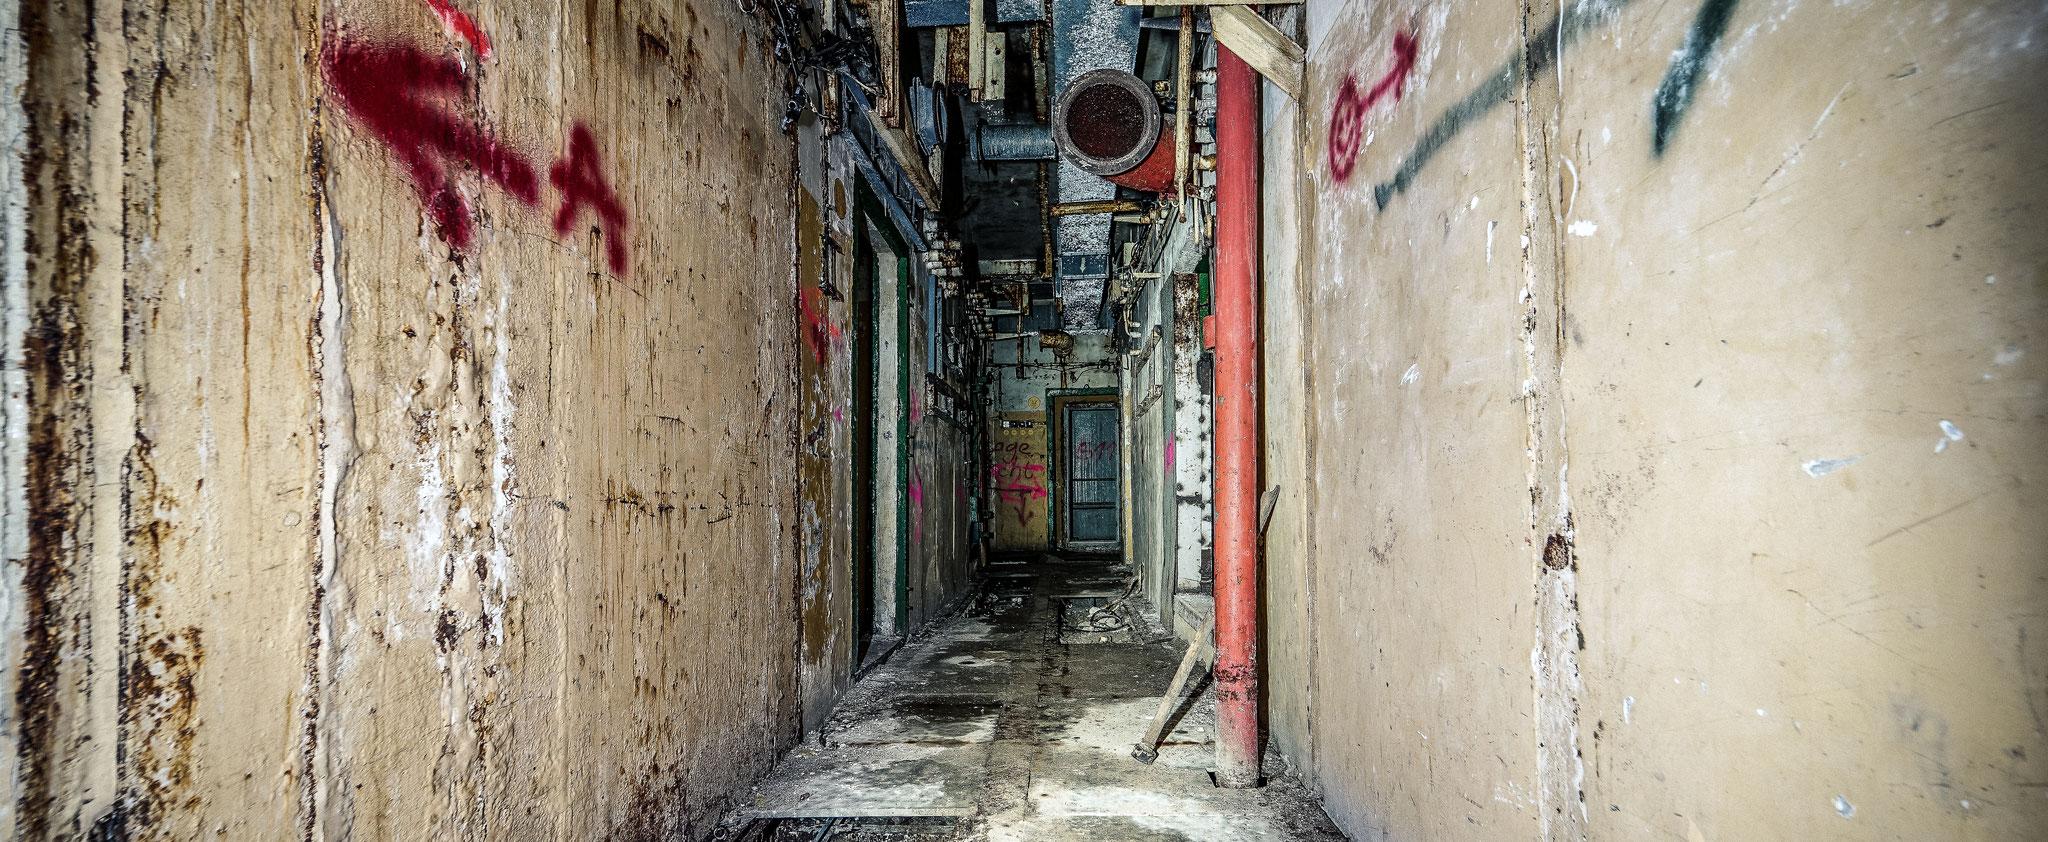 Der große Bunker der seit vielen Jahren verlassen ist